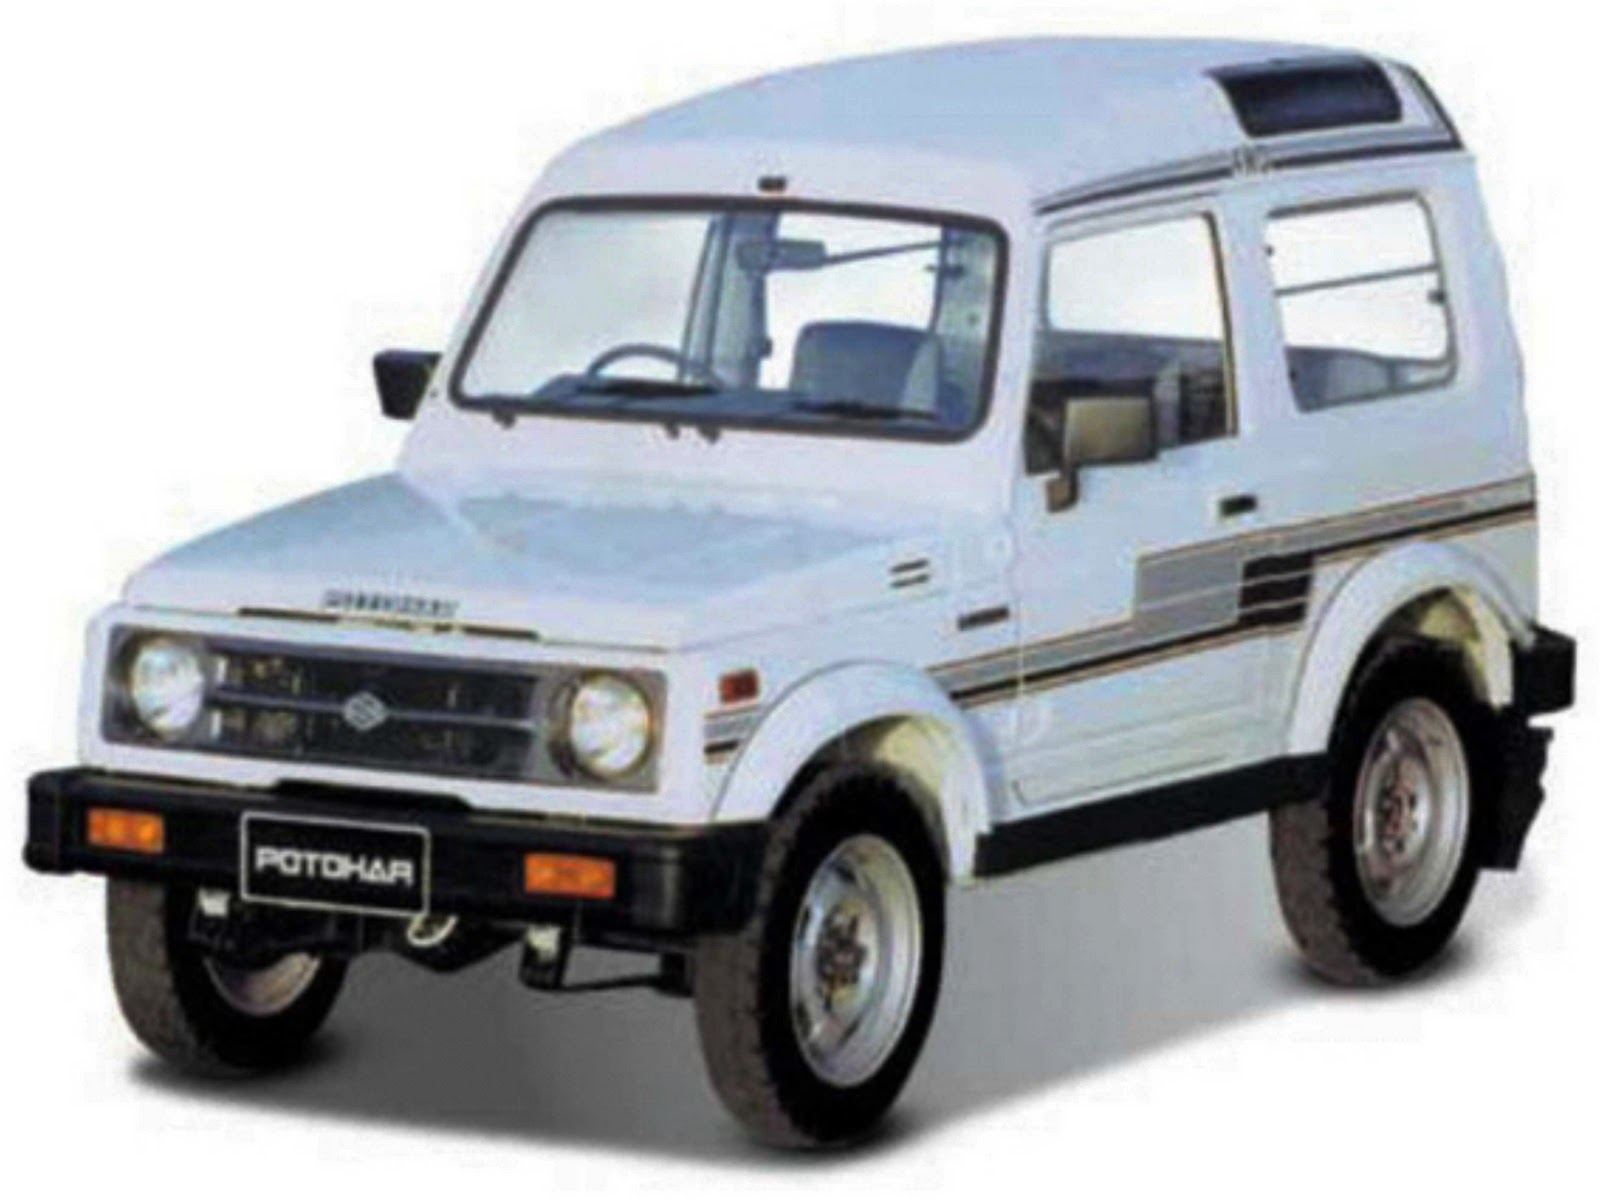 Suzuki Potohar Jeep